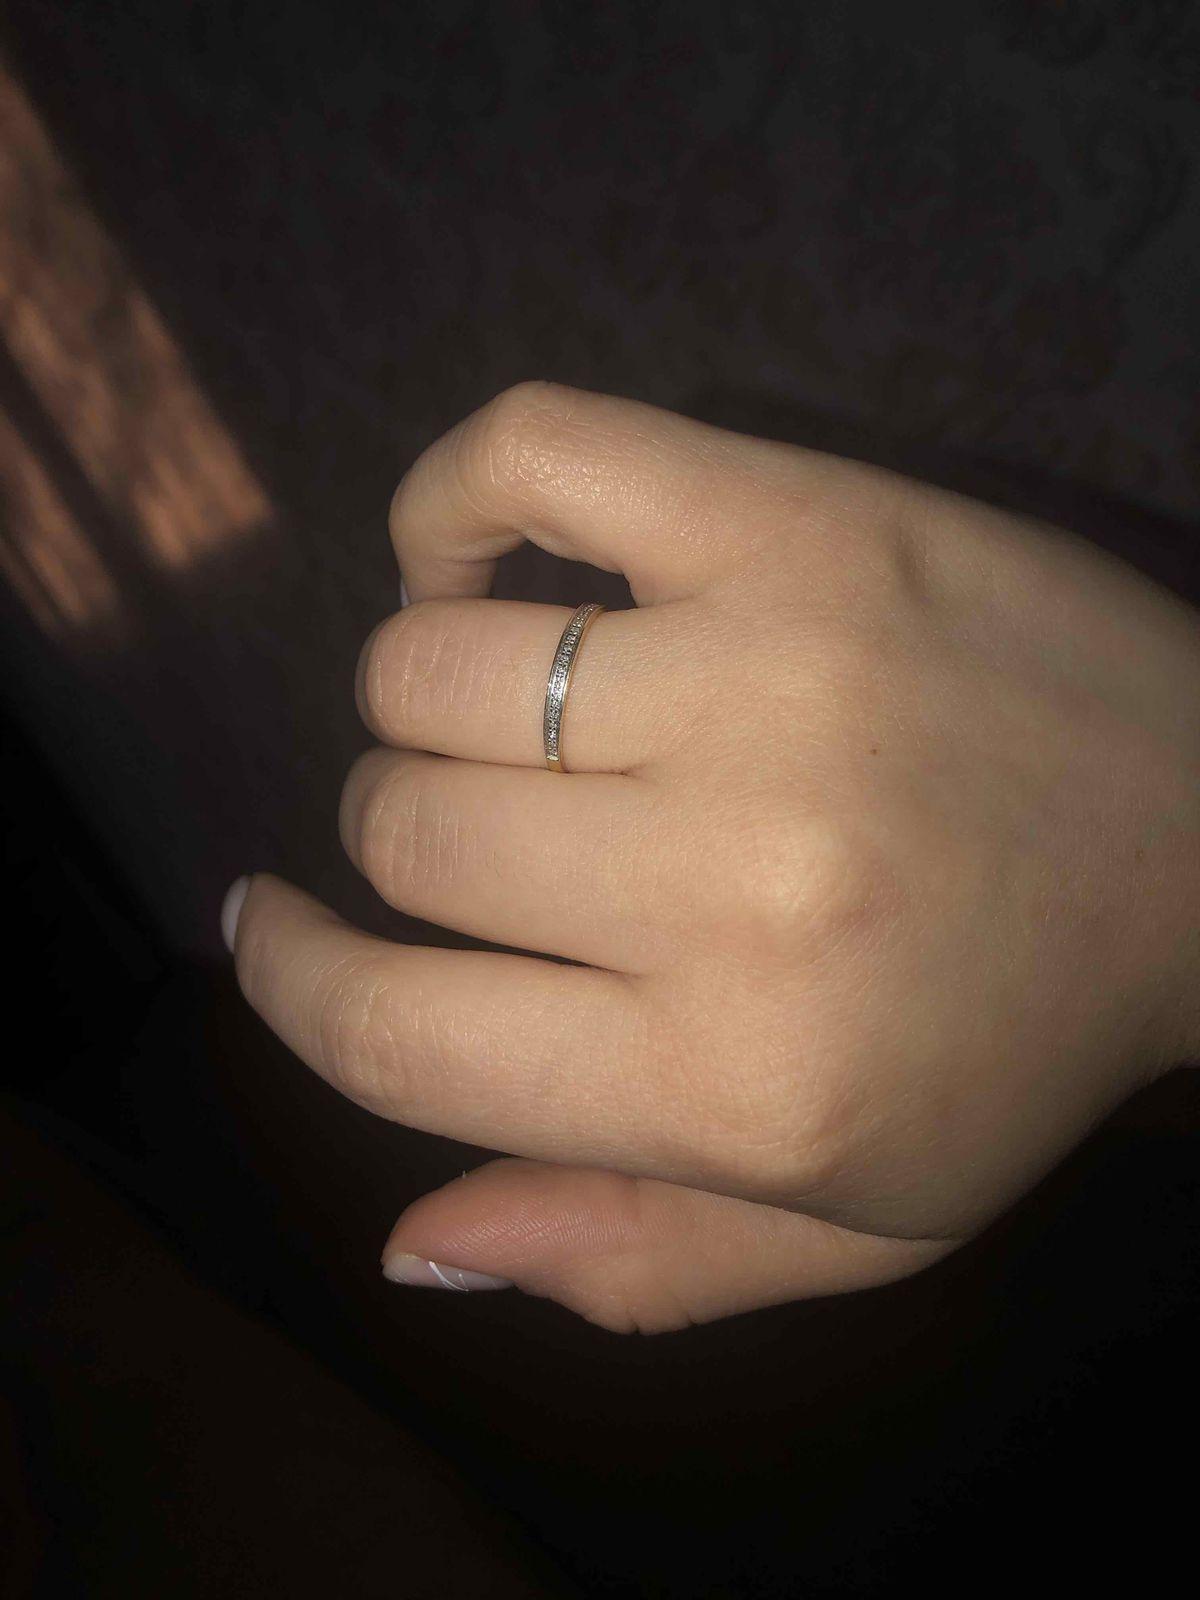 👍🏻👍🏻👍🏻 крутое кольцо